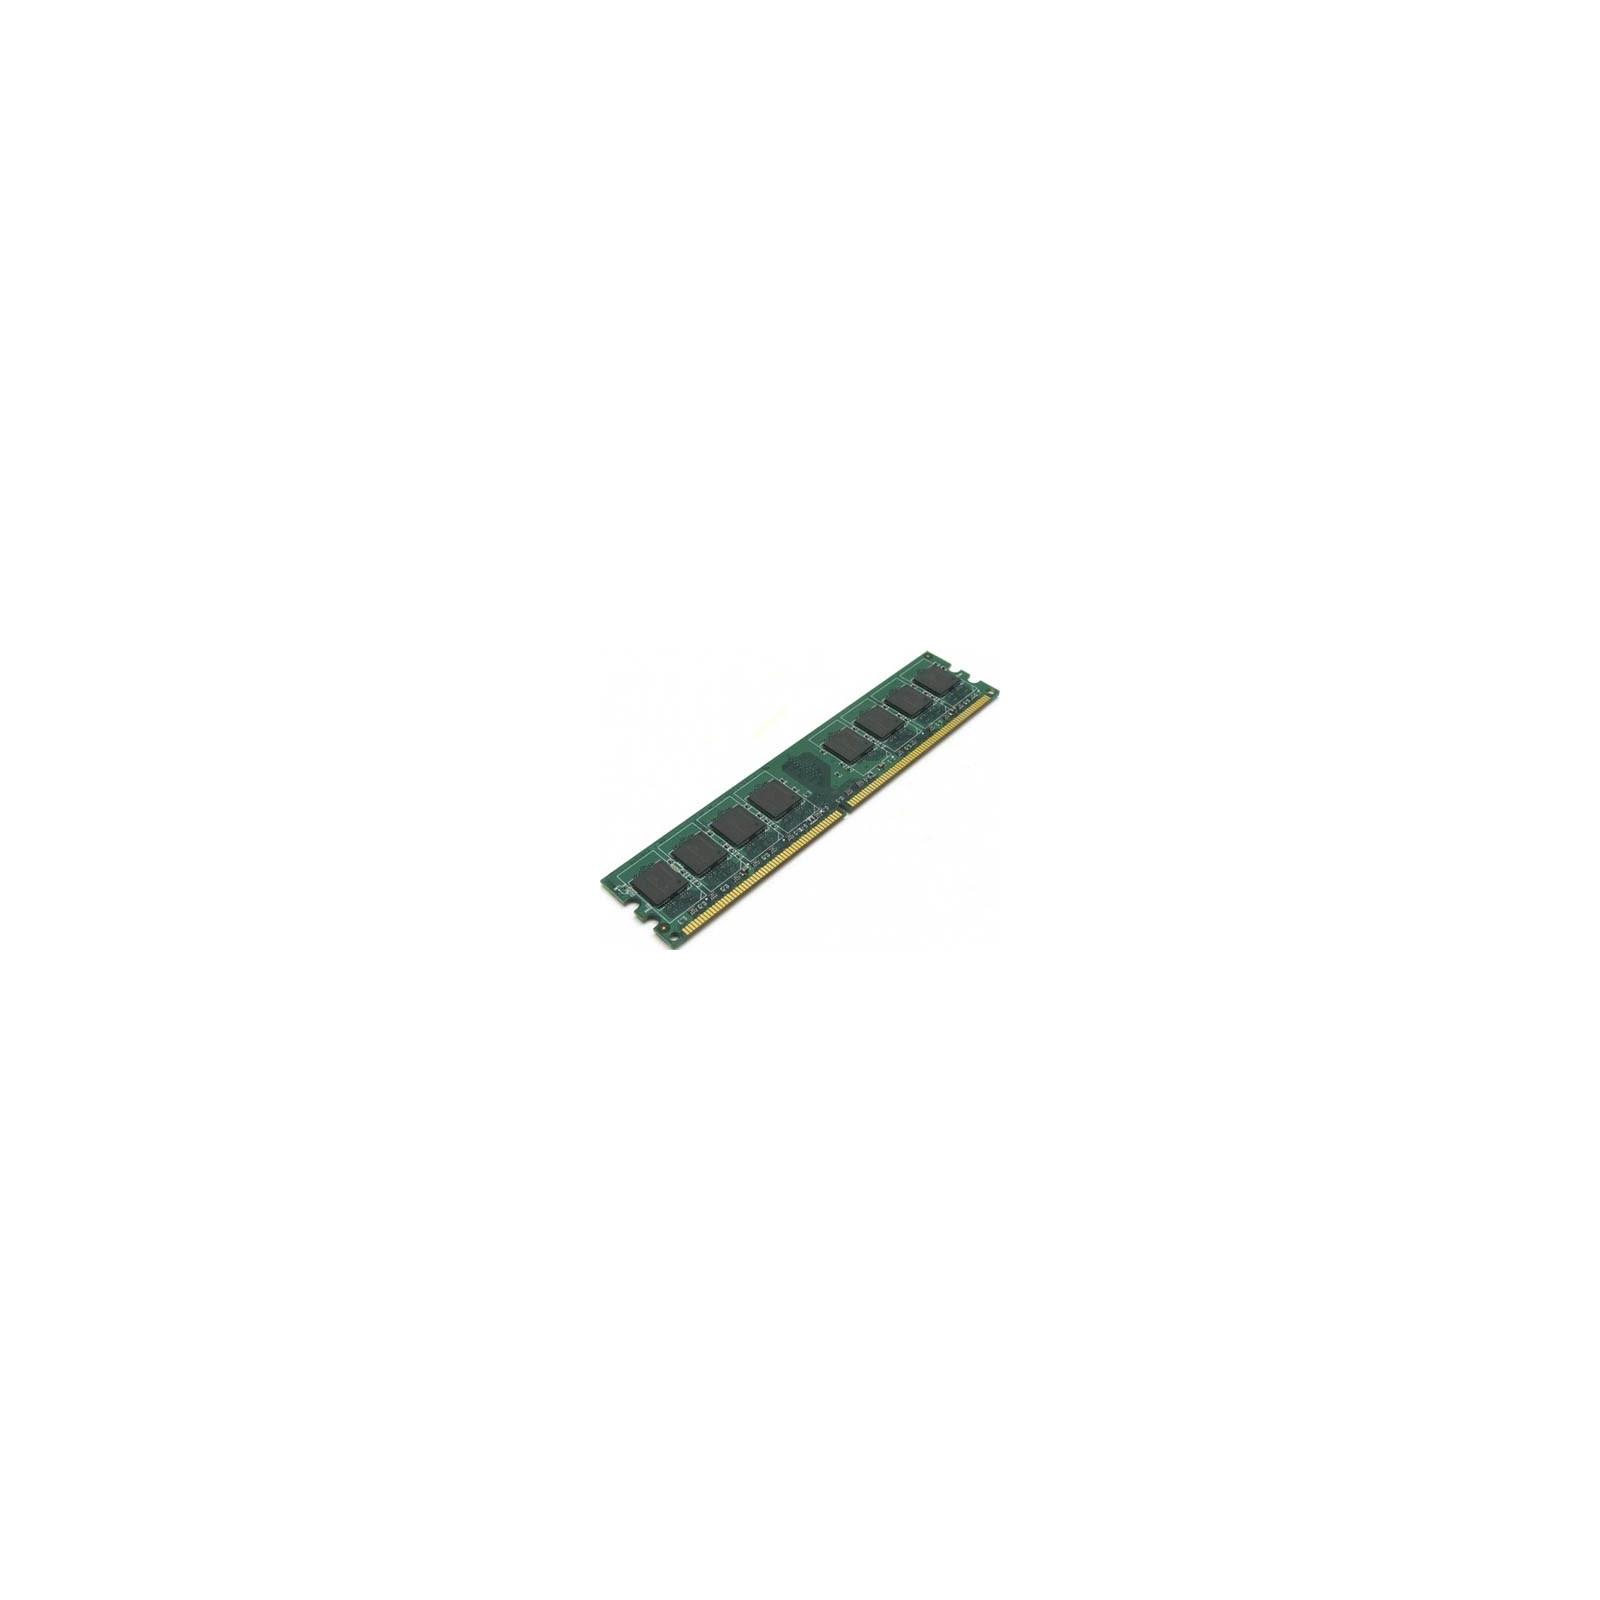 Модуль памяти для компьютера DDR2 1GB 800 MHz Samsung (К4Т51083QE / IC_K4T1G084QF-BCF7_8ch)